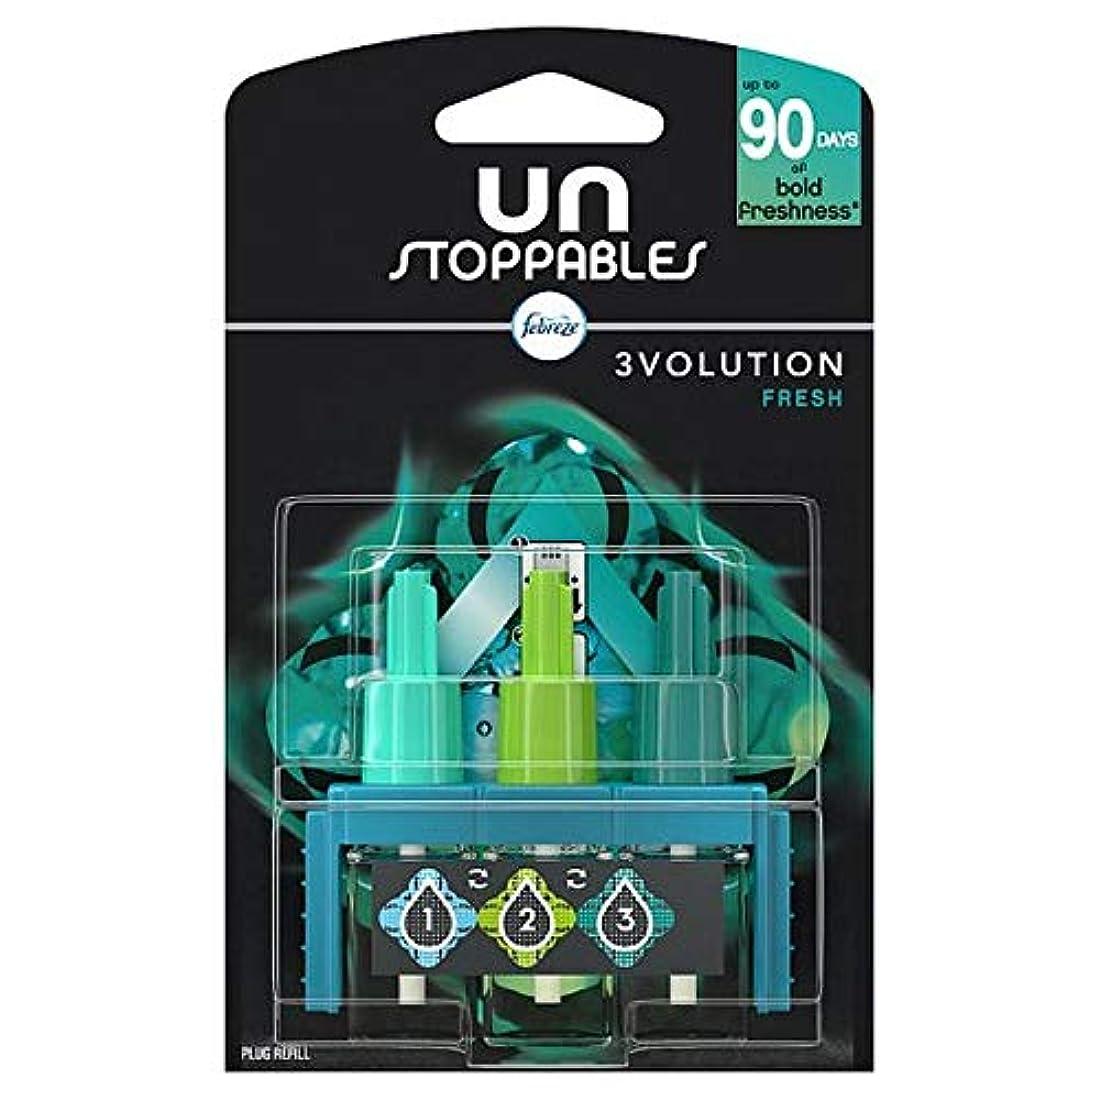 ファイバ書き出す全員[Febreze] リフィル20ミリリットルでUnstoppables 3Volution新鮮なプラグイン - Unstoppables 3Volution Fresh Plug In Refill 20Ml [並行輸入品]